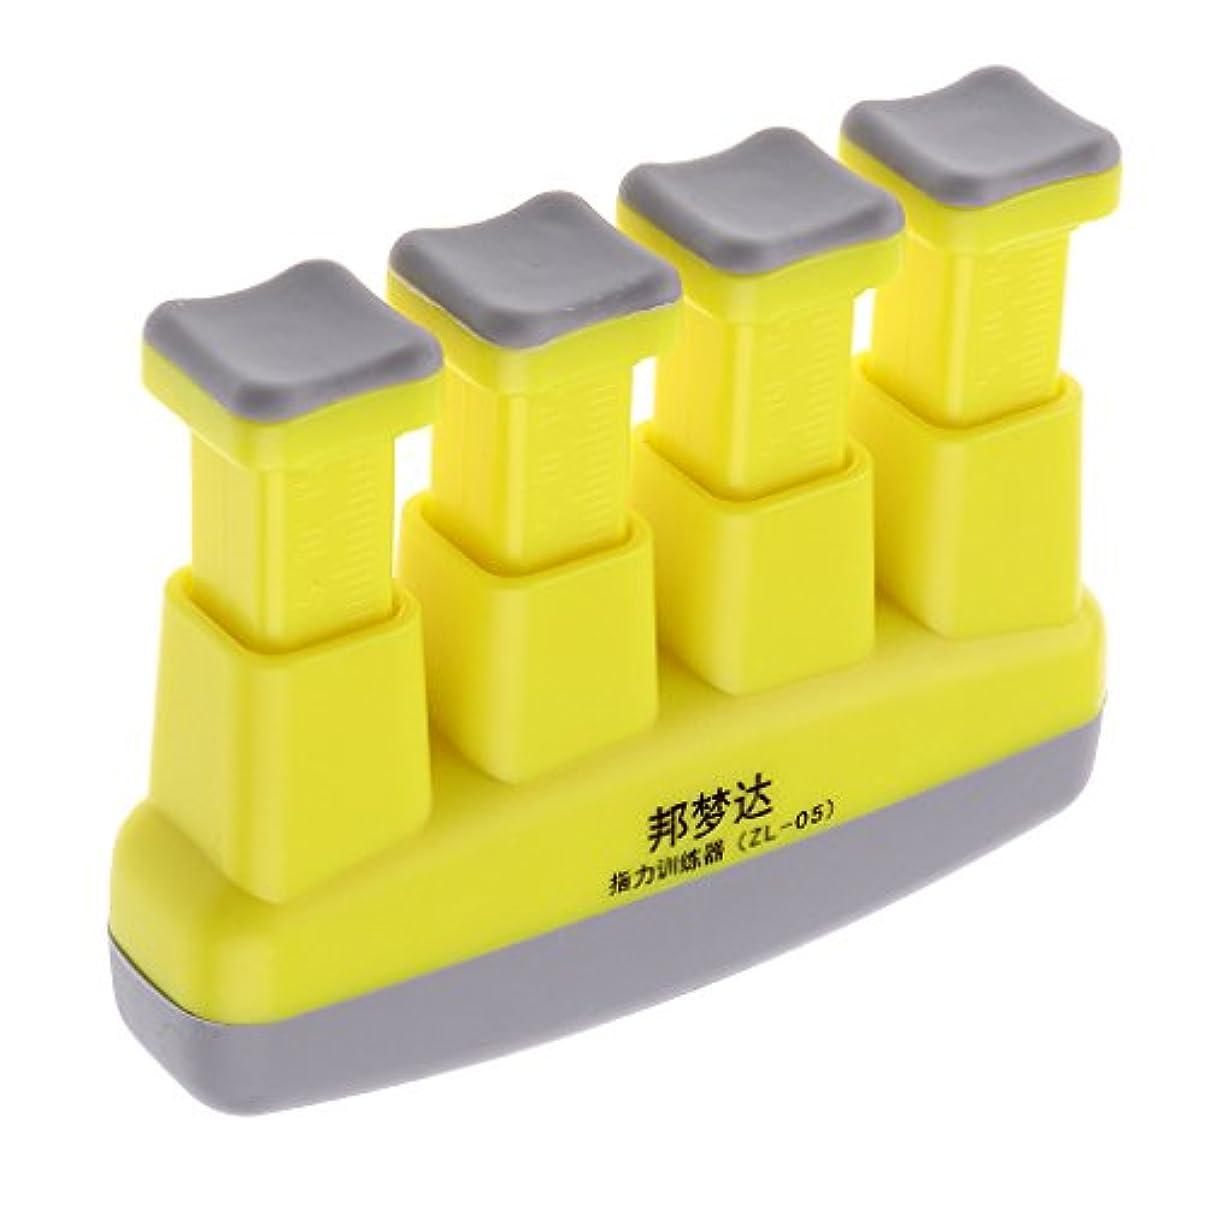 Kesoto ハンドグリップ エクササイザ 4-6ポンド 調節可 ハンド 手首 腕 グリップ グリッパー 黄色 ABS +シリコン